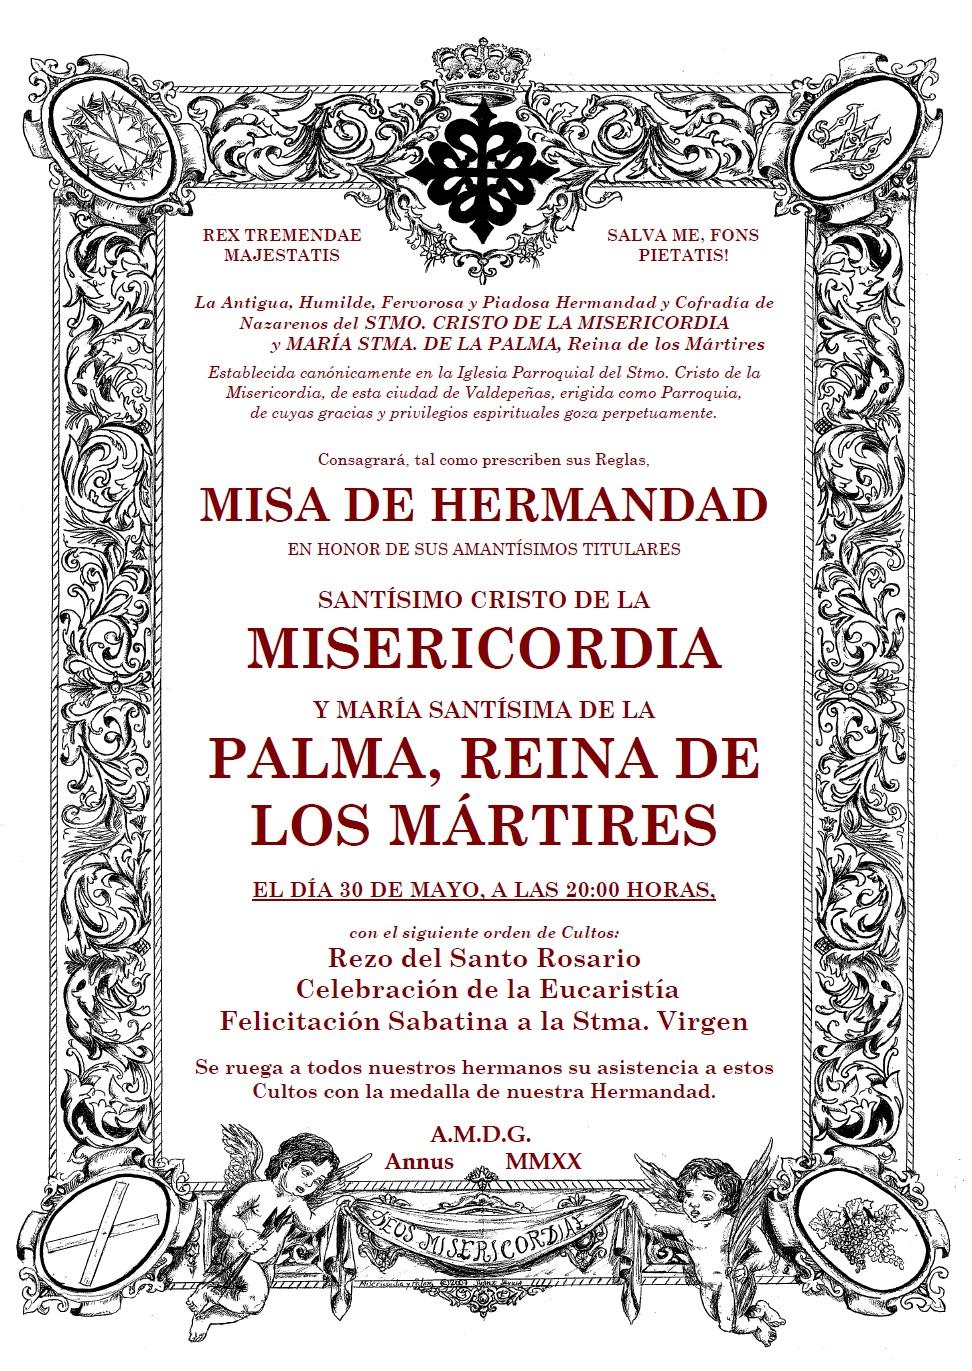 Se reanudan los Cultos presenciales: Misa mensual de Hermandad. Sábado, 30 mayo, 20:00 h.